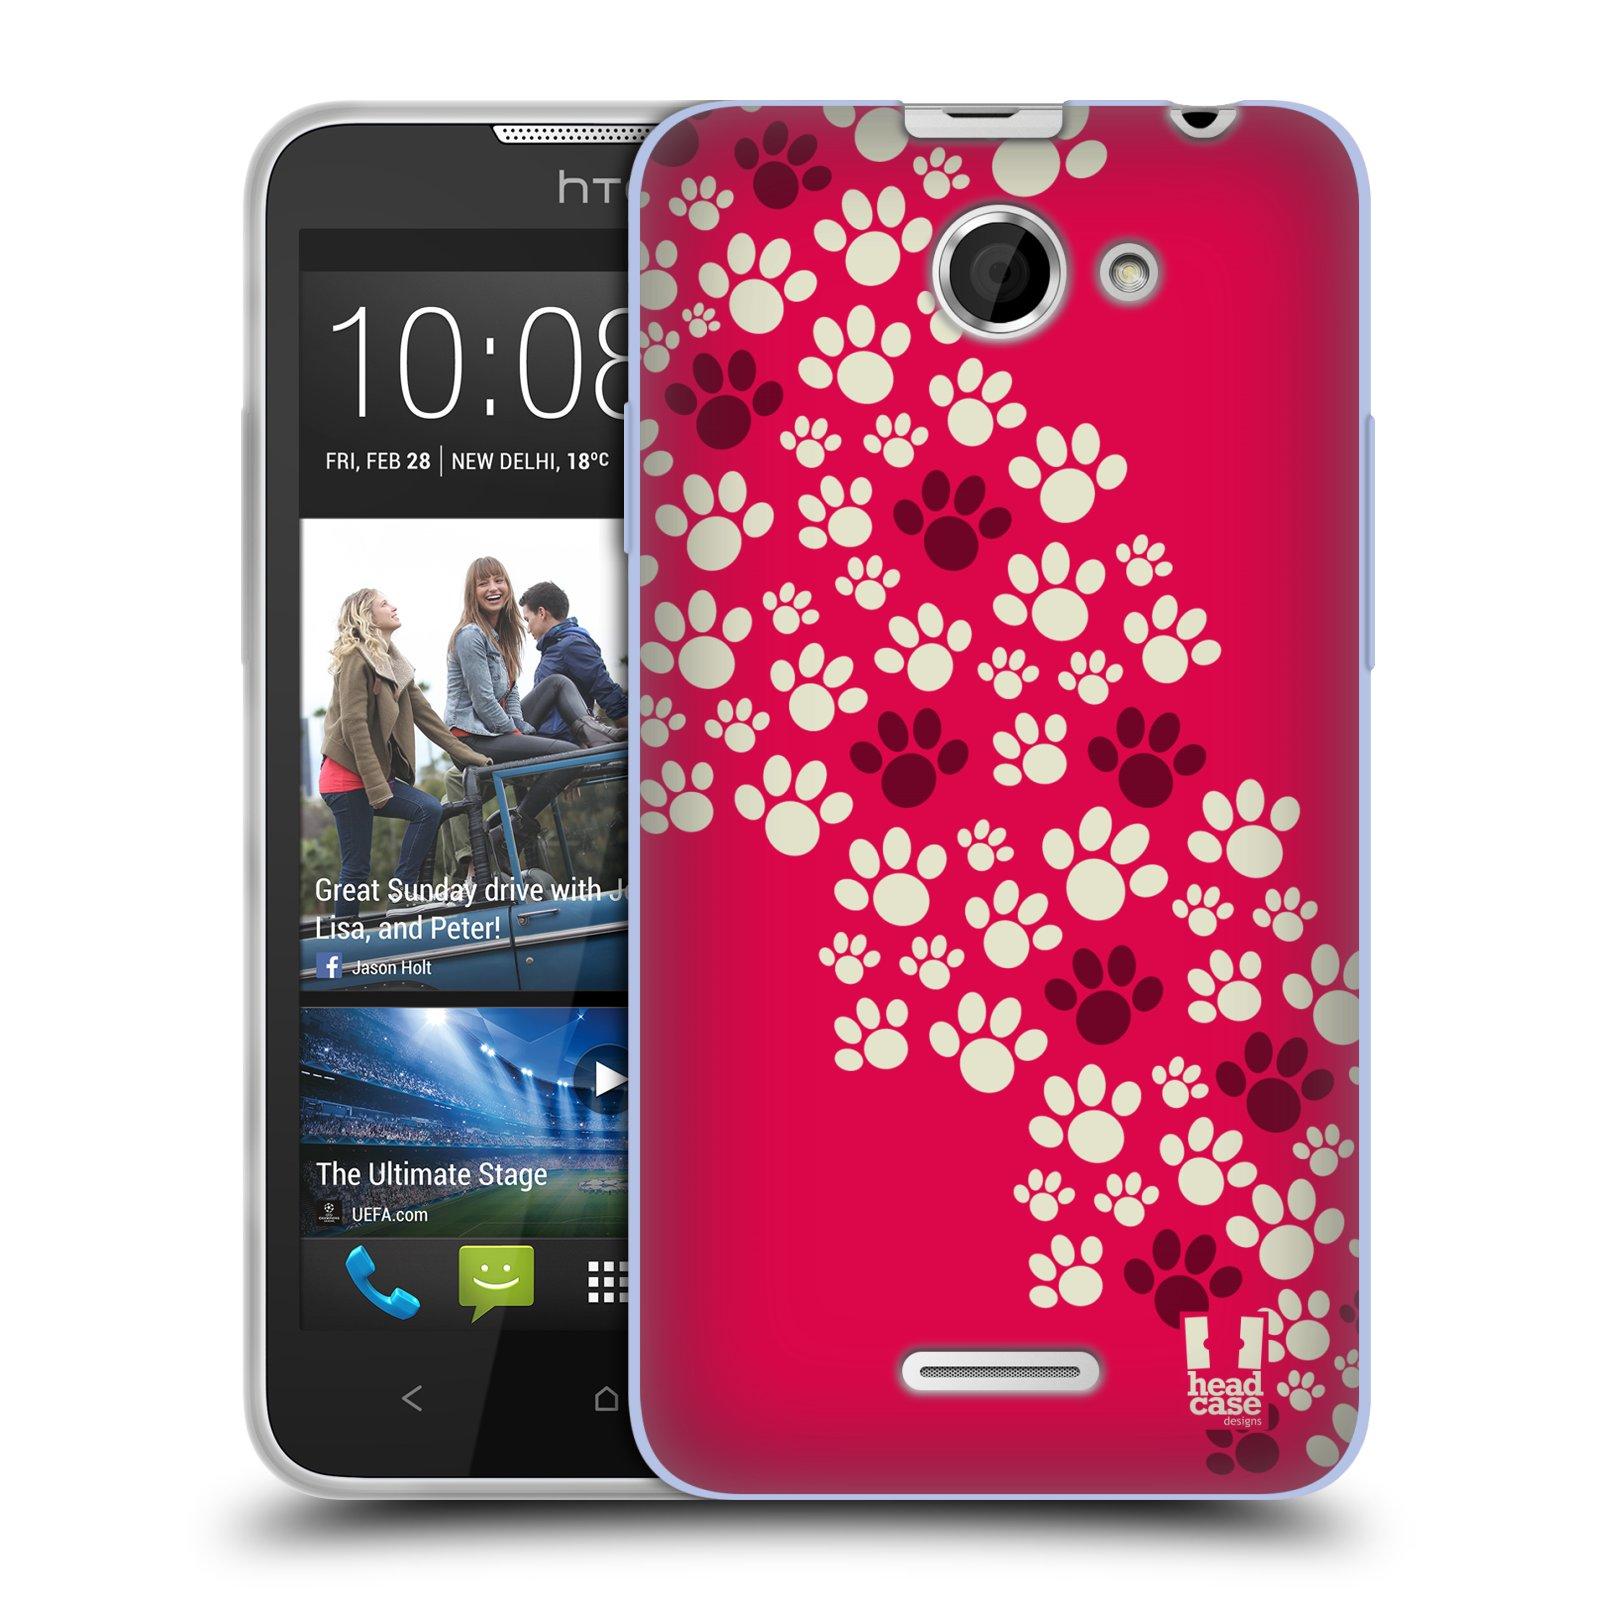 Silikonové pouzdro na mobil HTC Desire 516 HEAD CASE TLAPKY RŮŽOVÉ (Silikonový kryt či obal na mobilní telefon HTC Desire 516 Dual SIM)